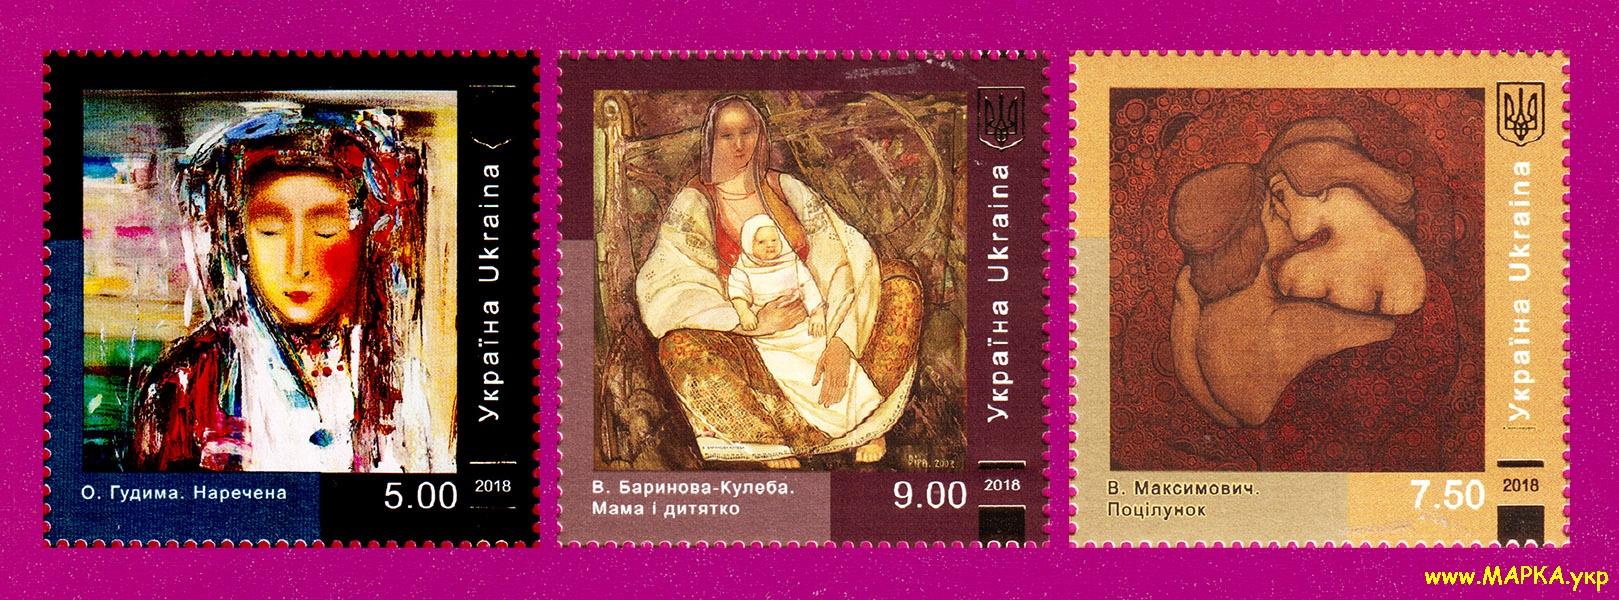 2018 марки Живопись Любовь - это жизнь СЕРИЯ Украина